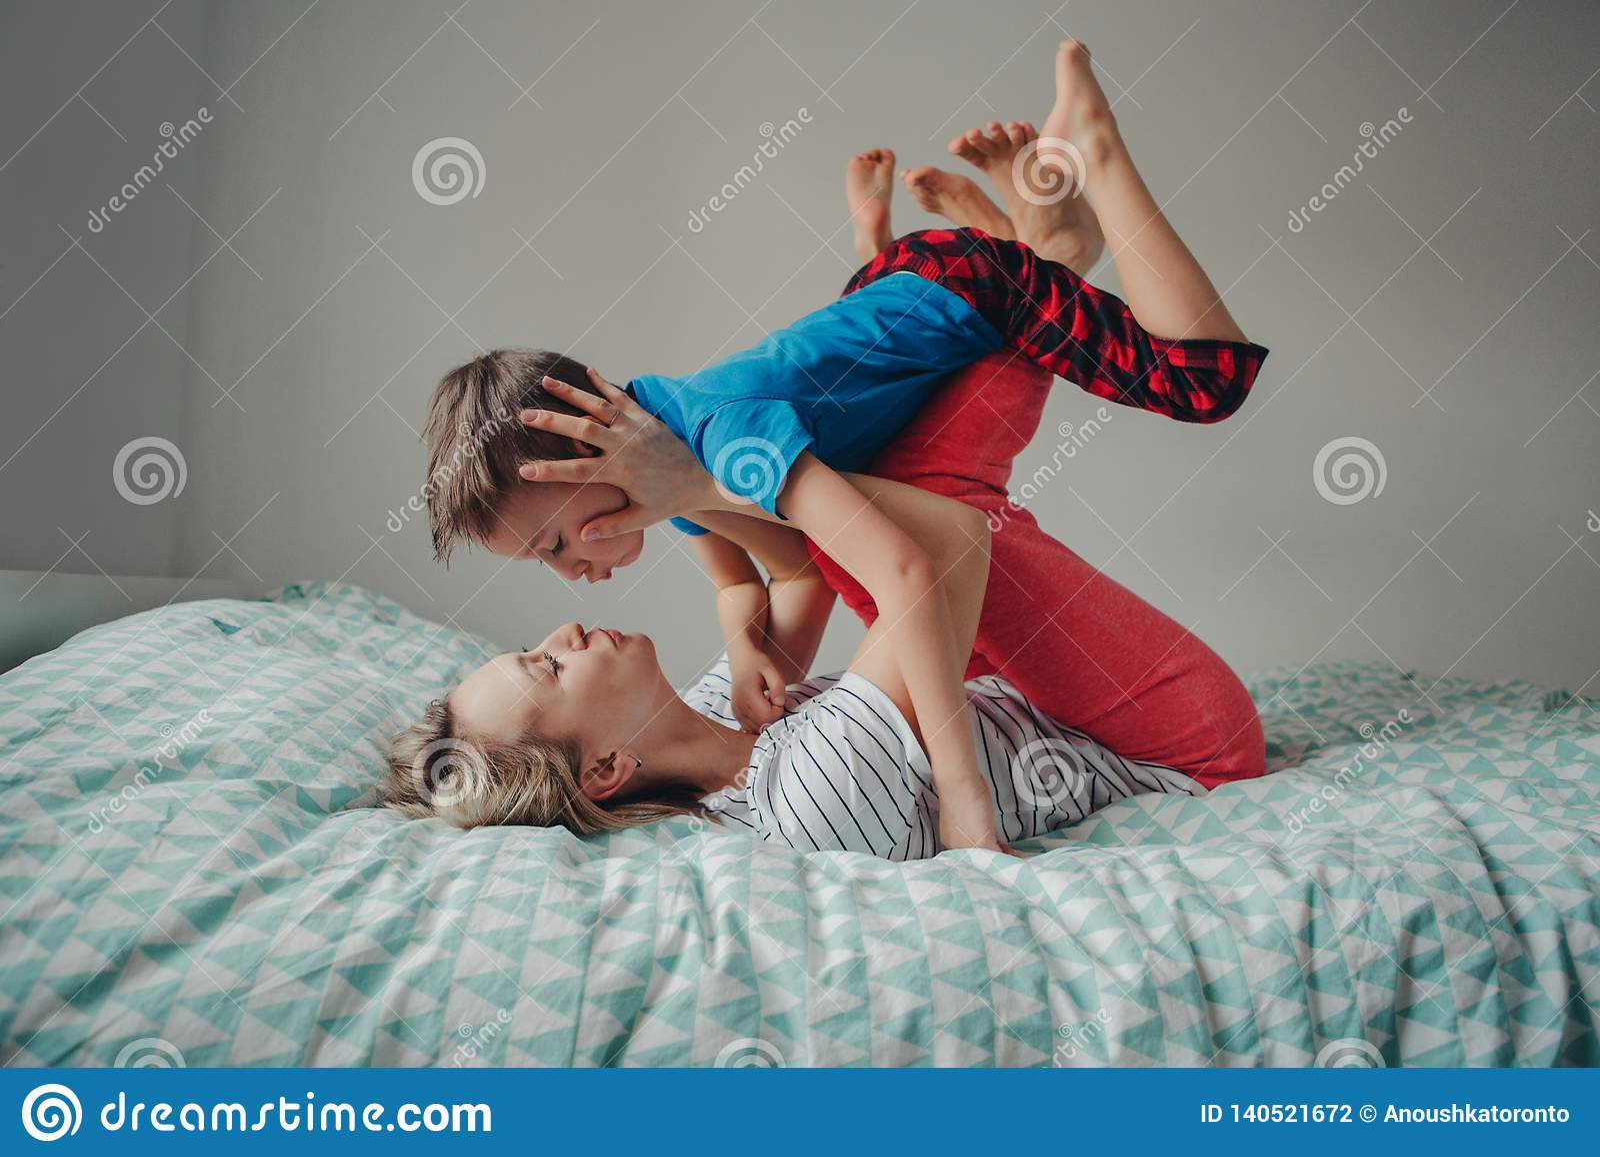 Filho caucasiano da mãe e do menino que joga junto no quarto em casa